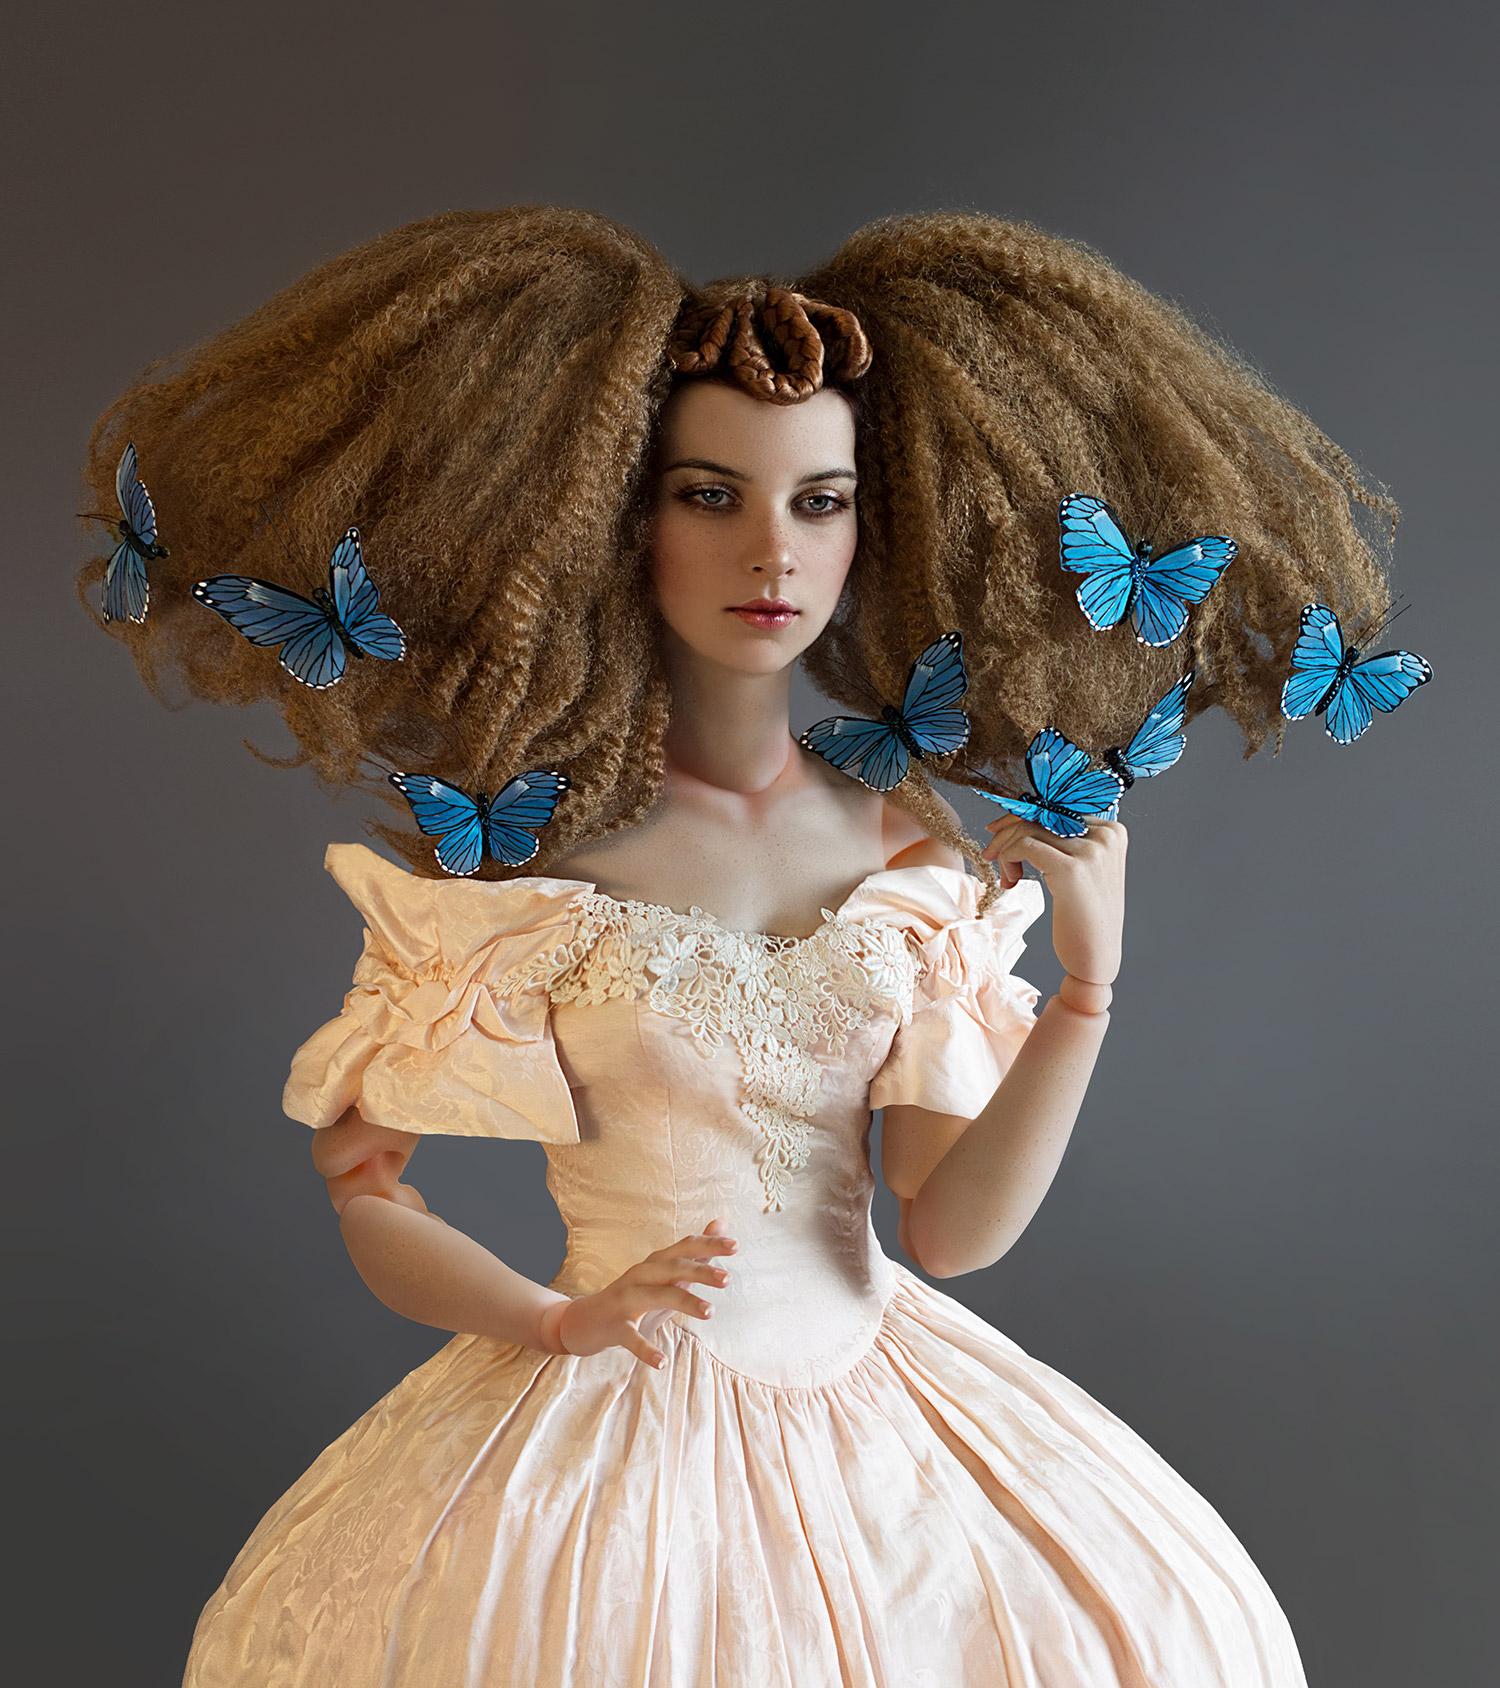 Delphine Celcig - Doll - Porcelain